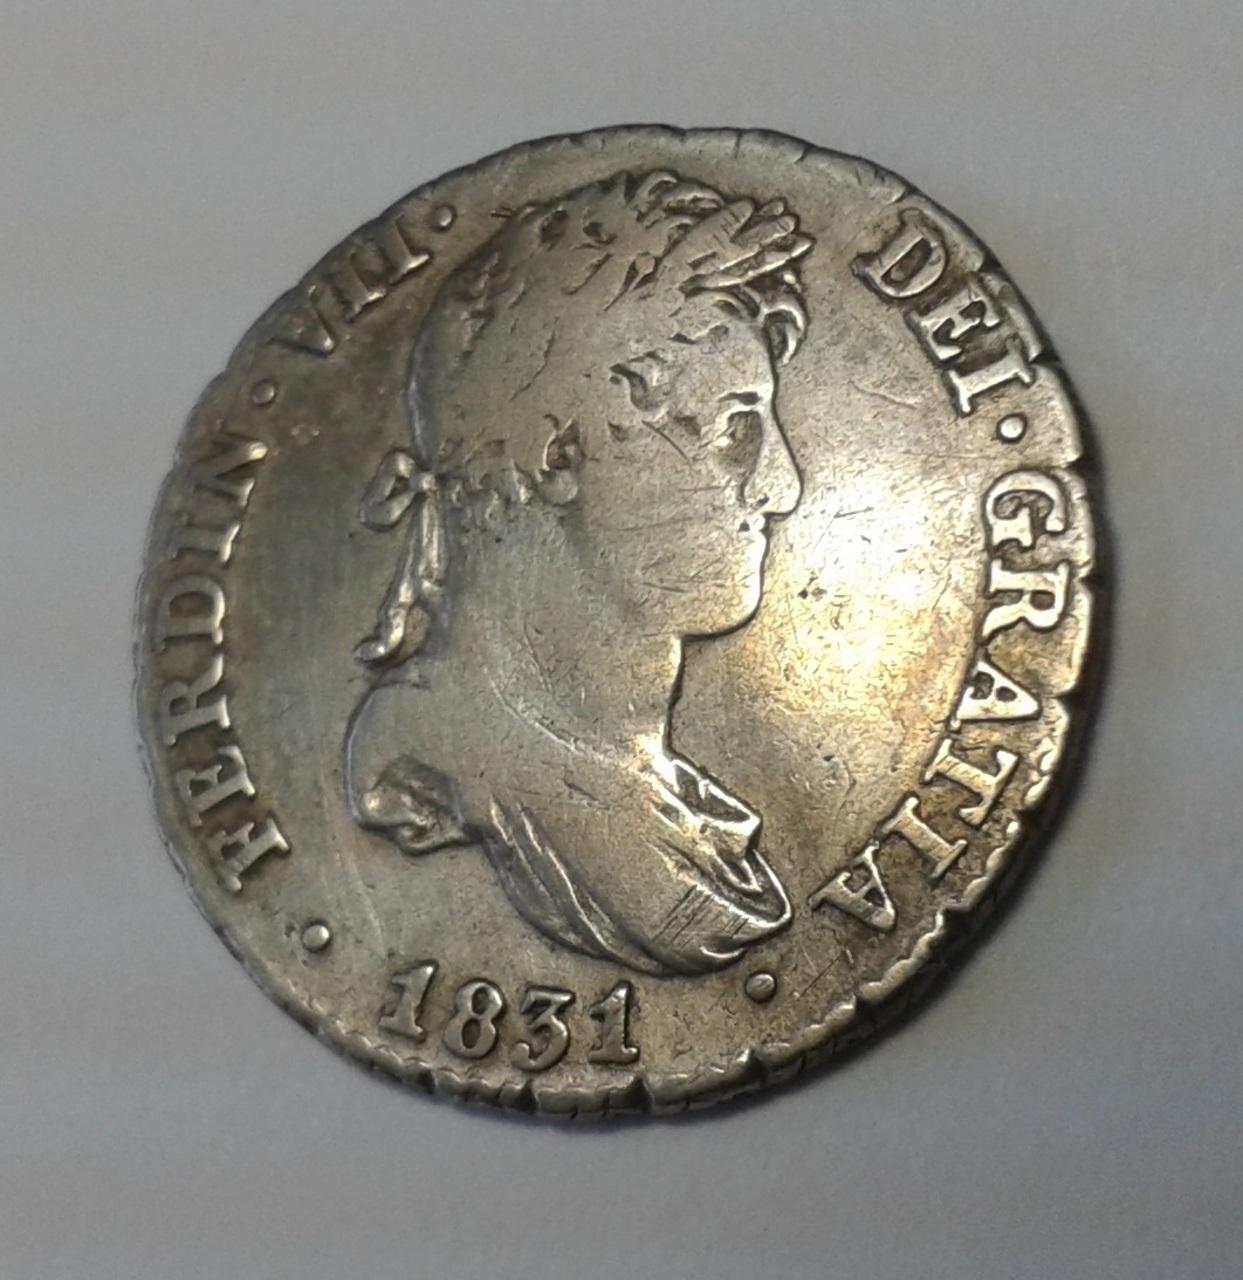 1 Real 1831 - Fernando VII 20141025_140556